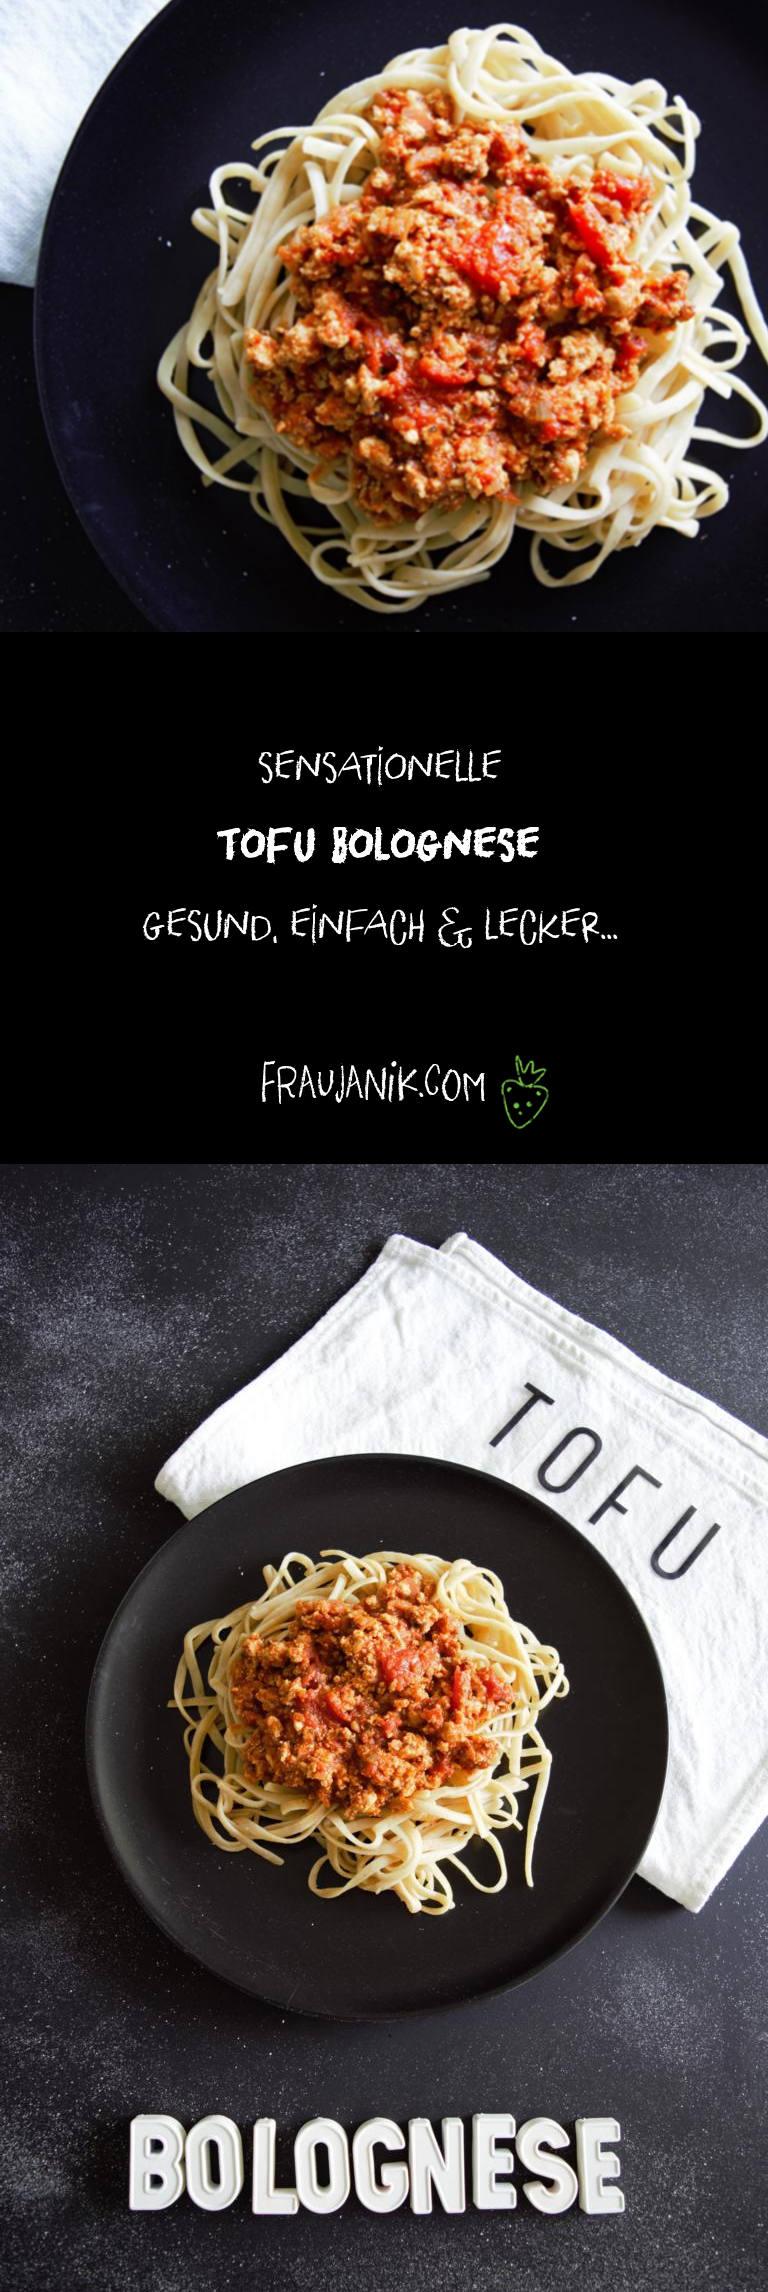 Tofu Bolognese